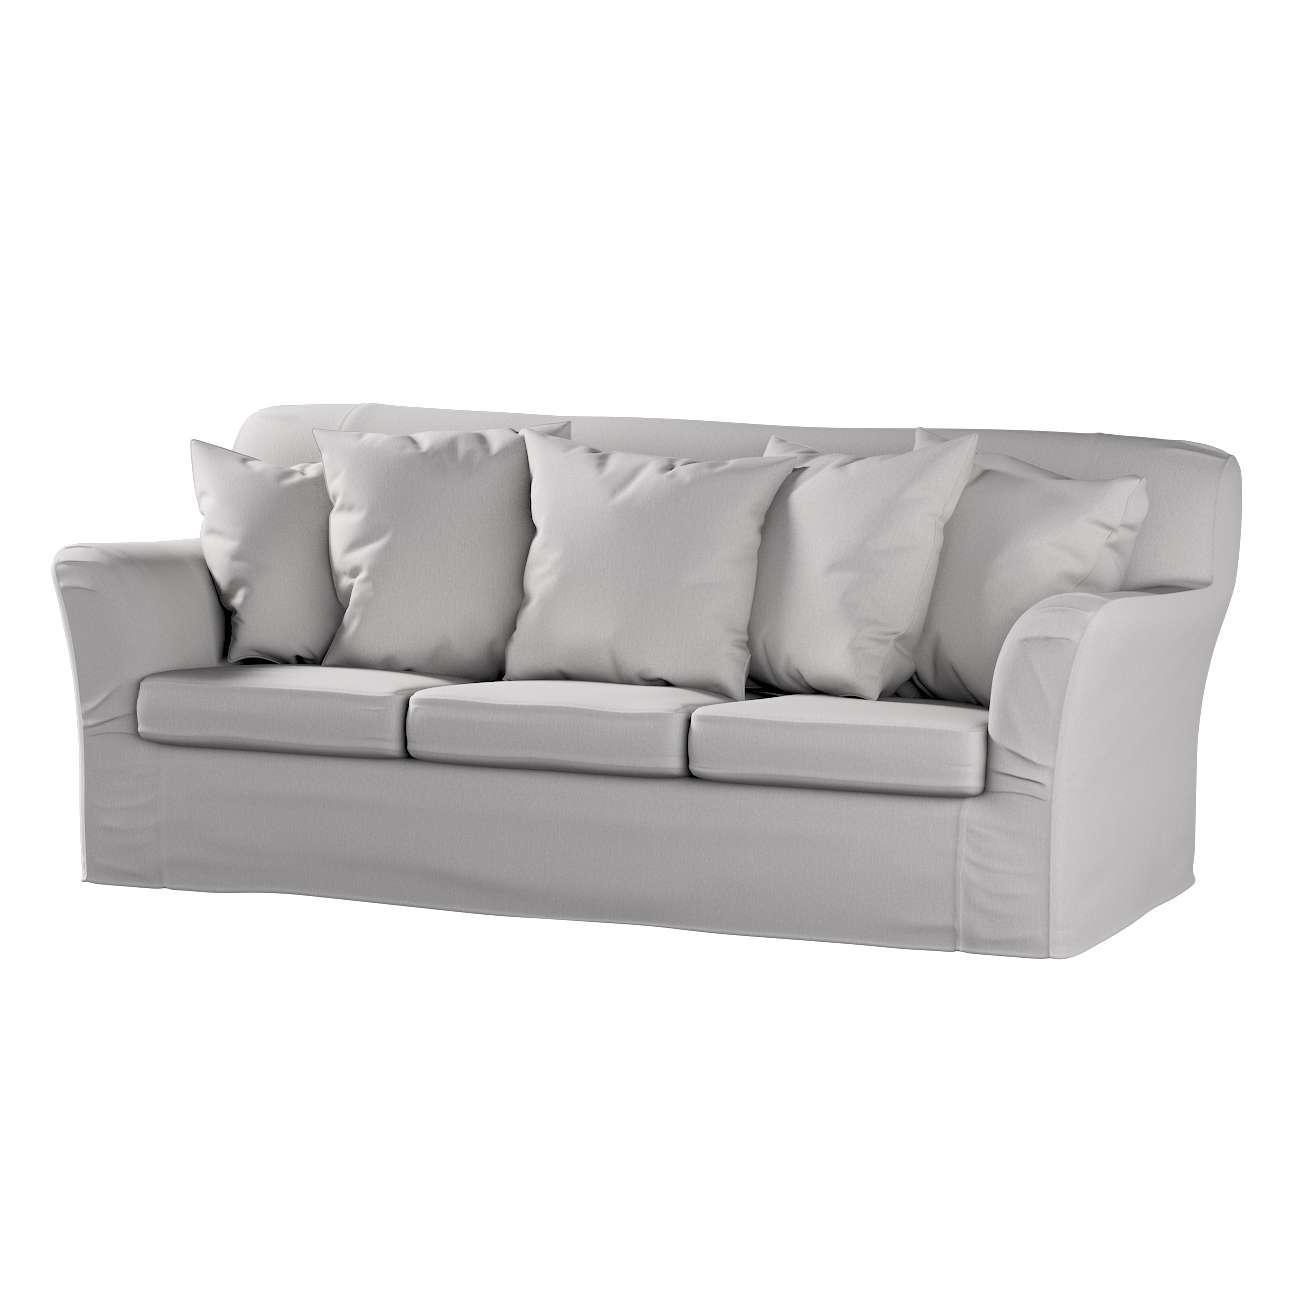 TOMELILLA  trivietės sofos užvalkalas TOMELILLA trivietė sofa kolekcijoje Chenille, audinys: 702-23